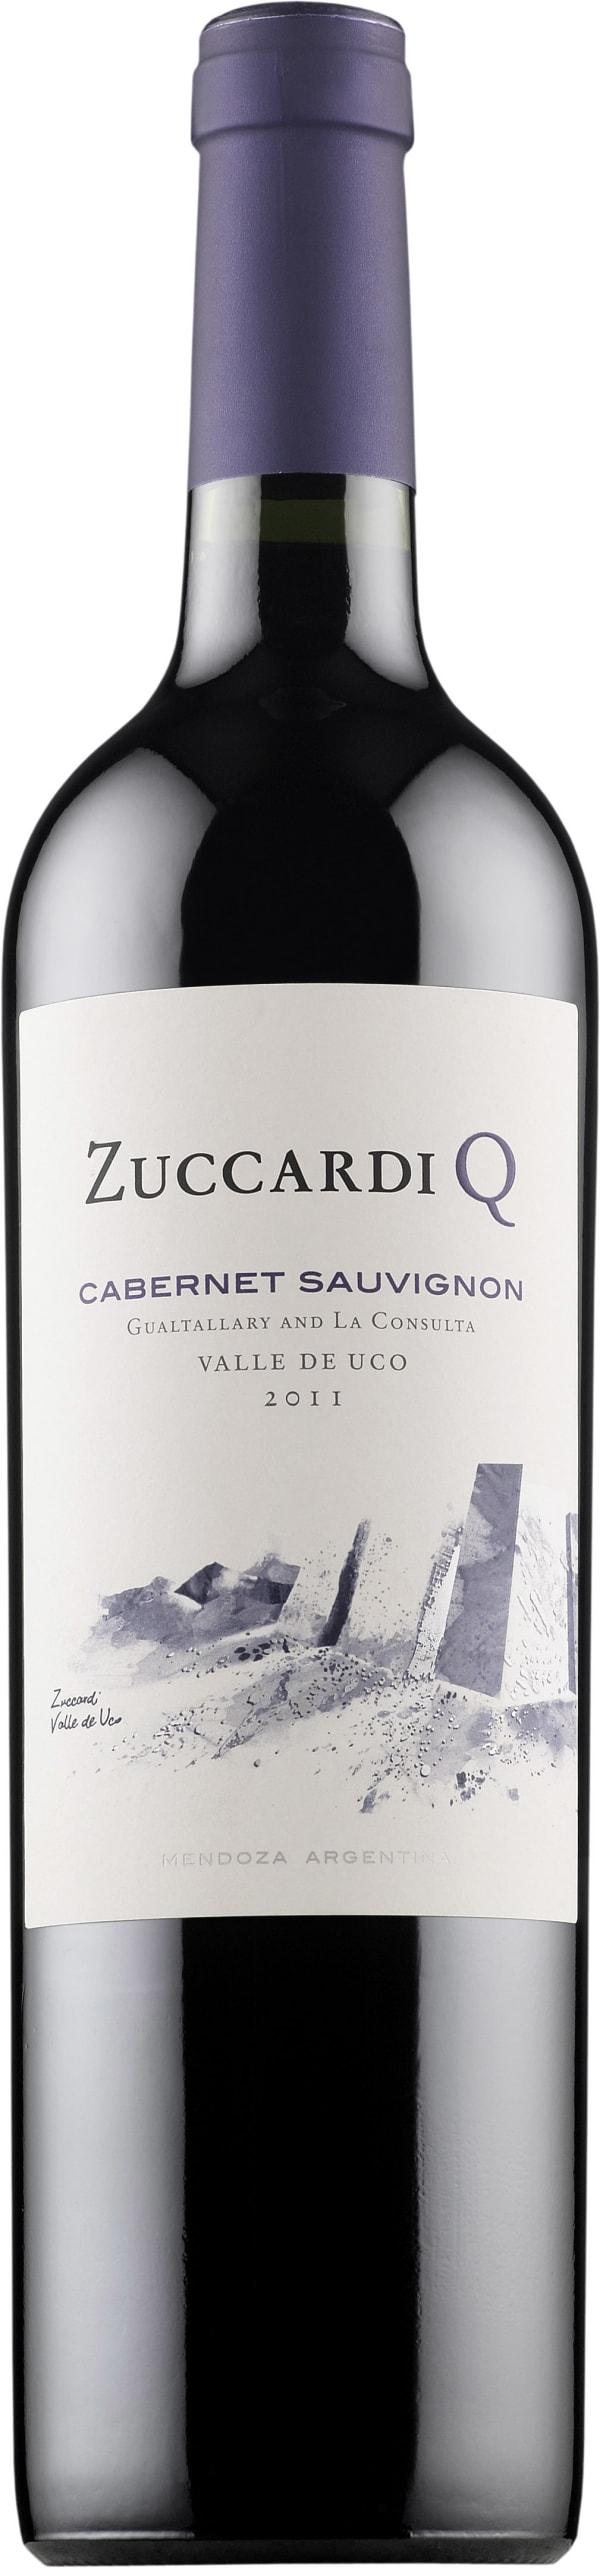 Zuccardi Q Cabernet Sauvignon 2012